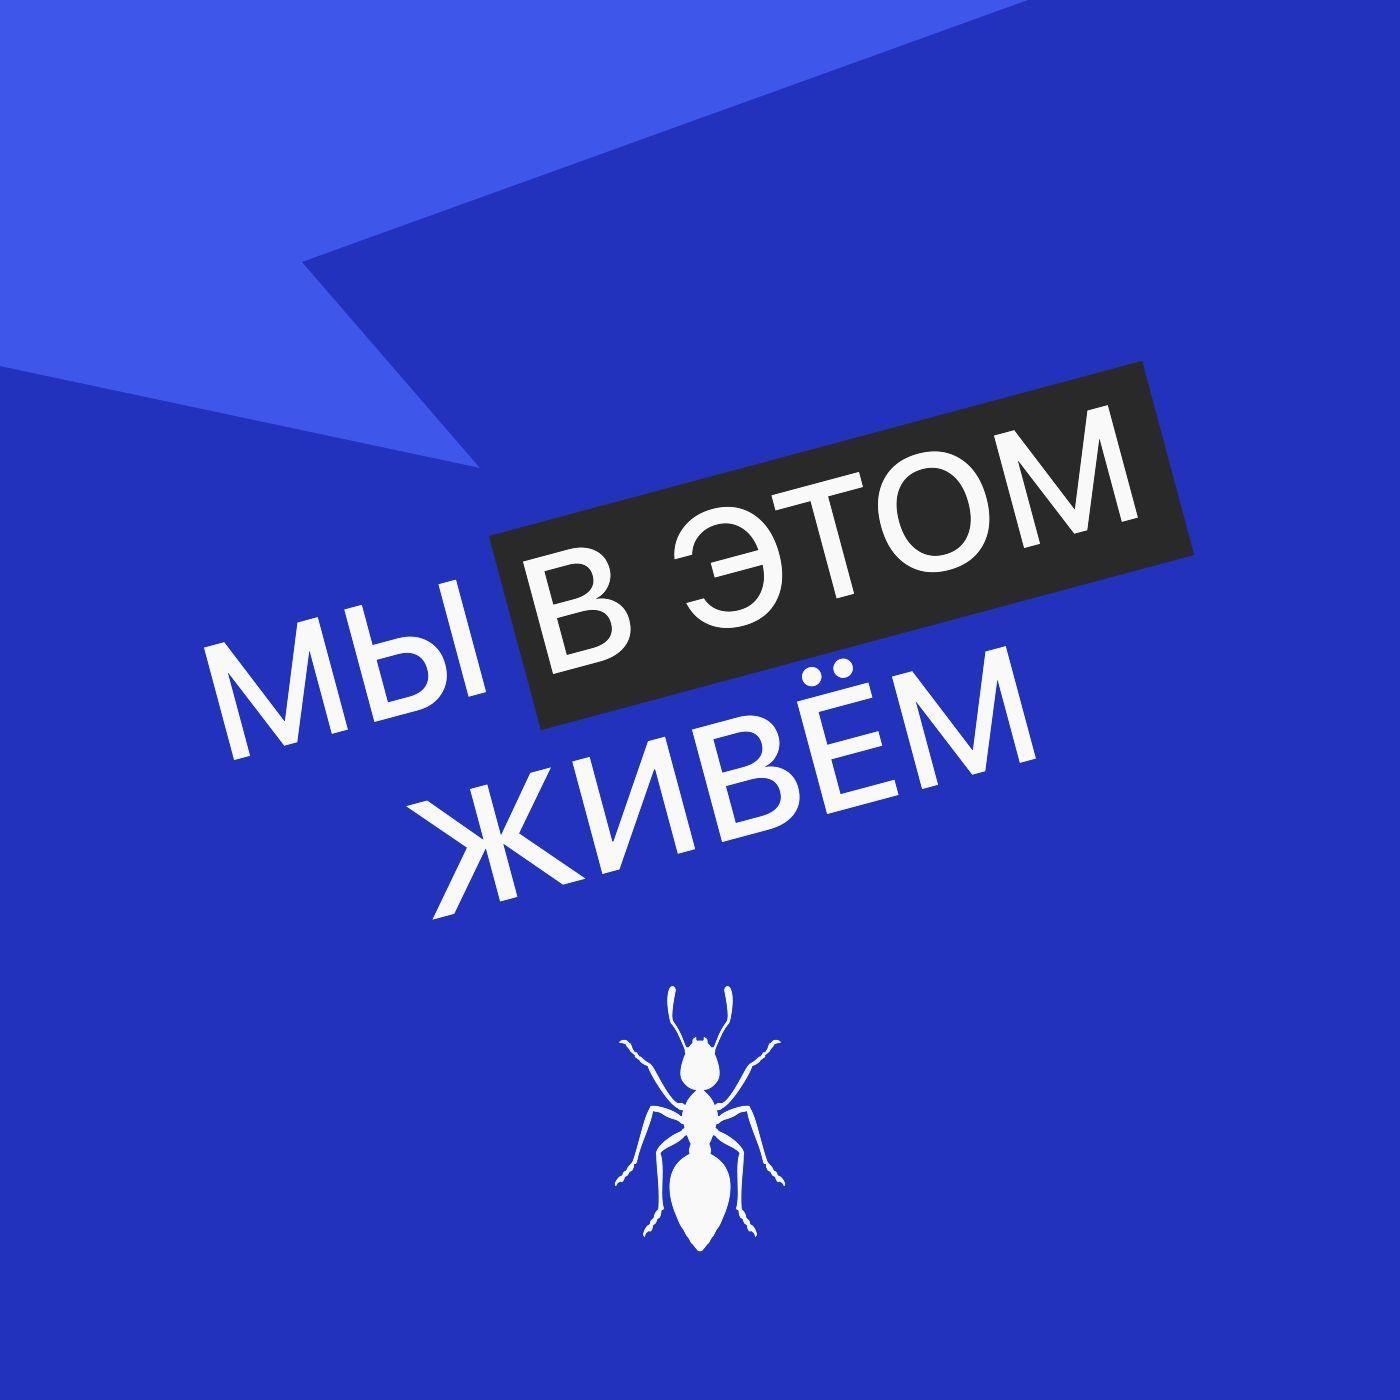 Творческий коллектив Mojomedia Выпуск № 23 сезон 2 Исследовательский в каких аптеках тюмени можно морозник